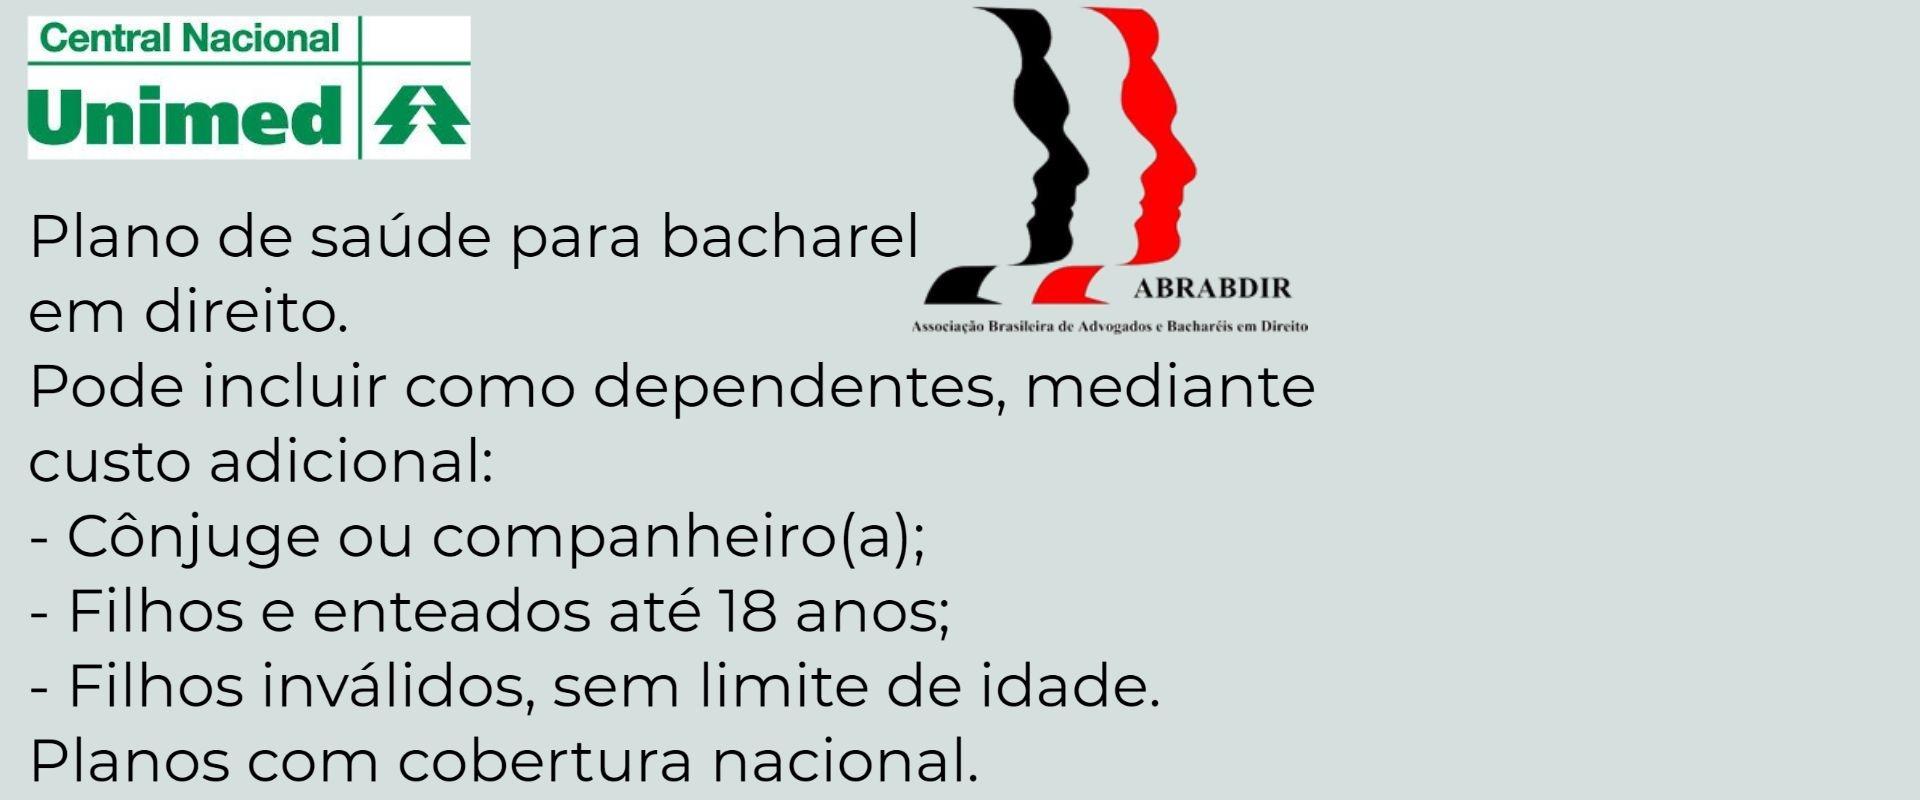 Unimed ABRABDIR Batatais